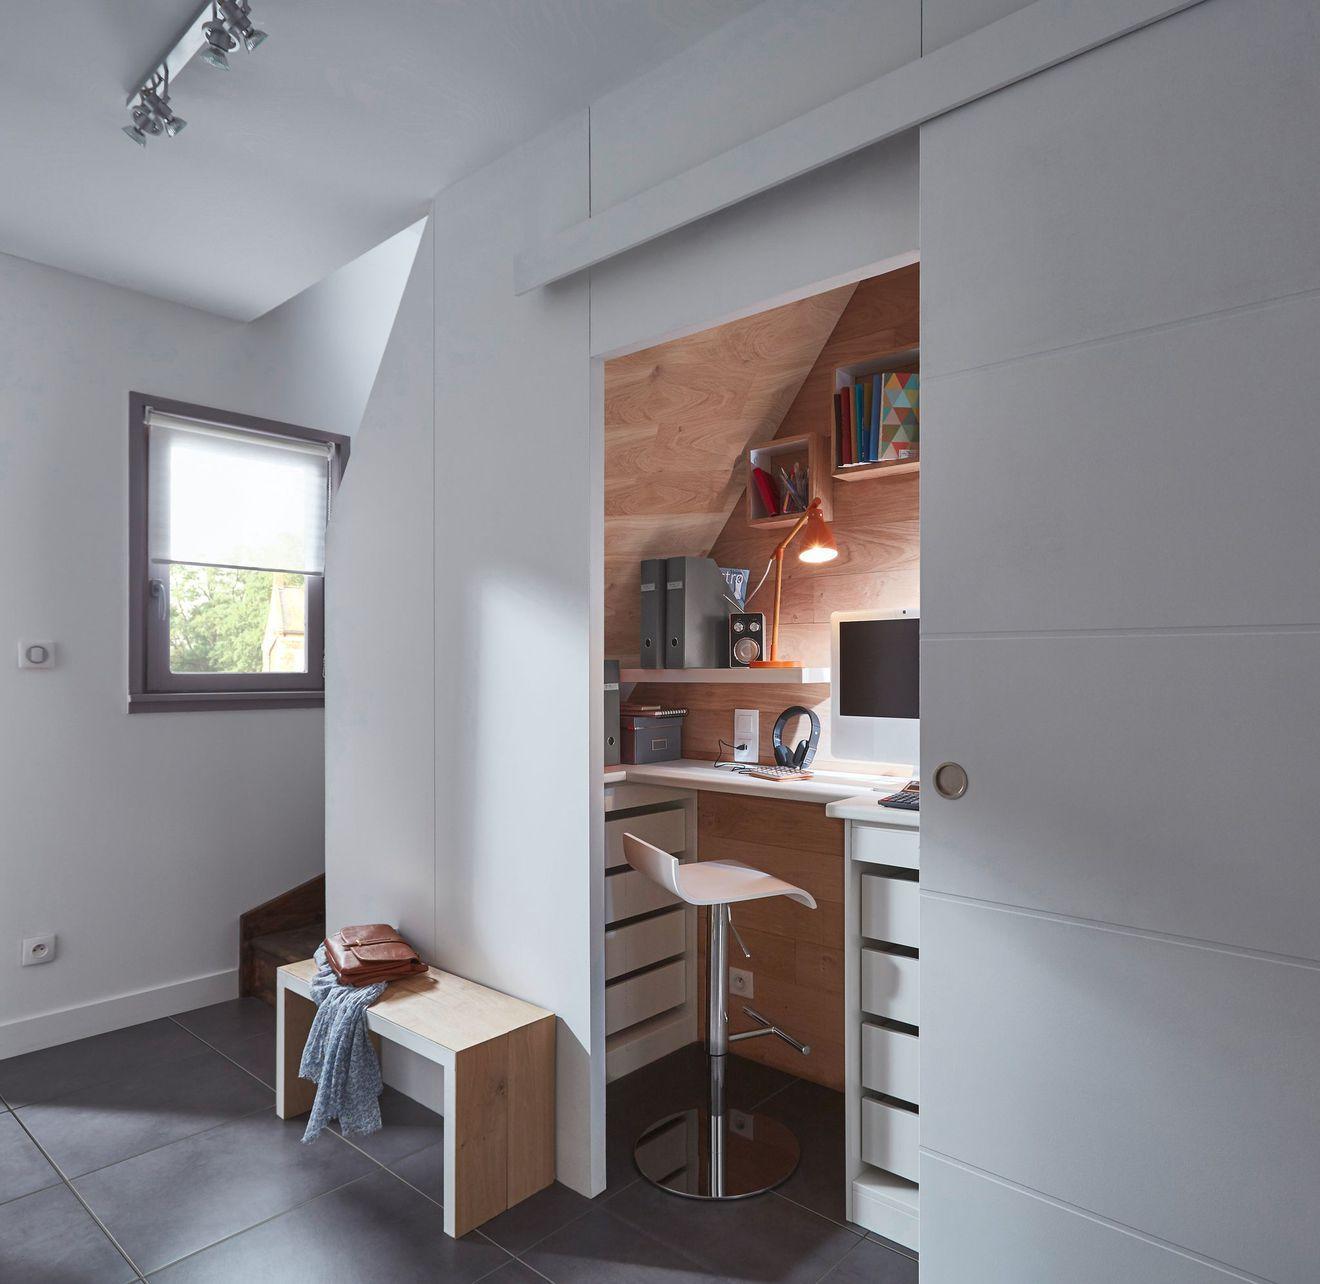 Placards Et Rangements Sur Mesure Coulissants Dressing Bureau Placard Bureau Sous Escalier Monter Une Cloison